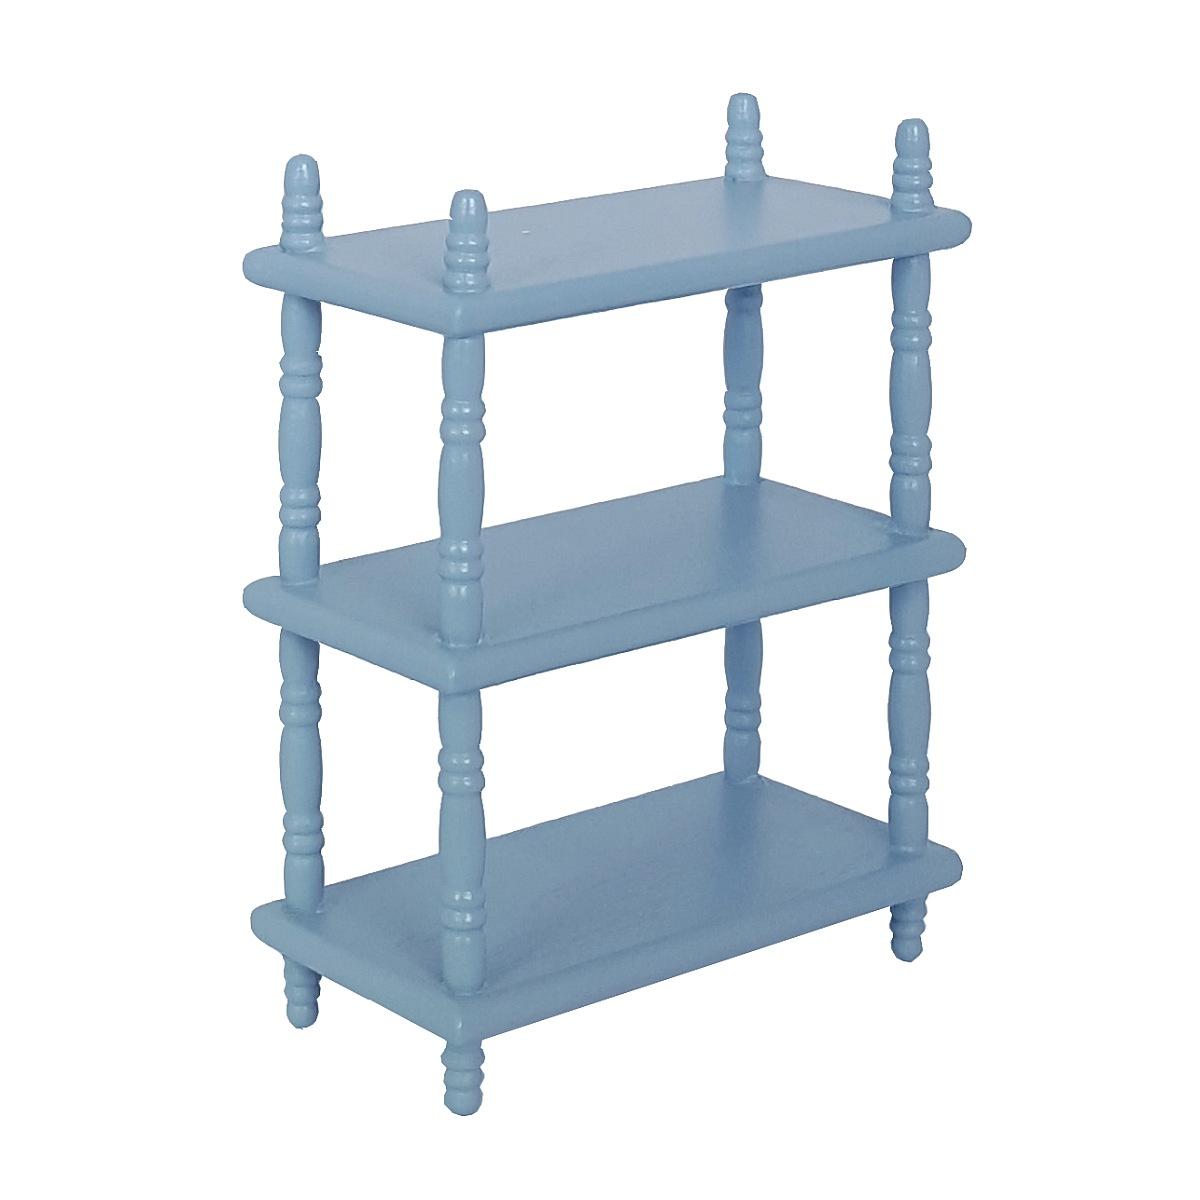 Standing shelf, blue 完成品・スタンドシェルフ ブルー